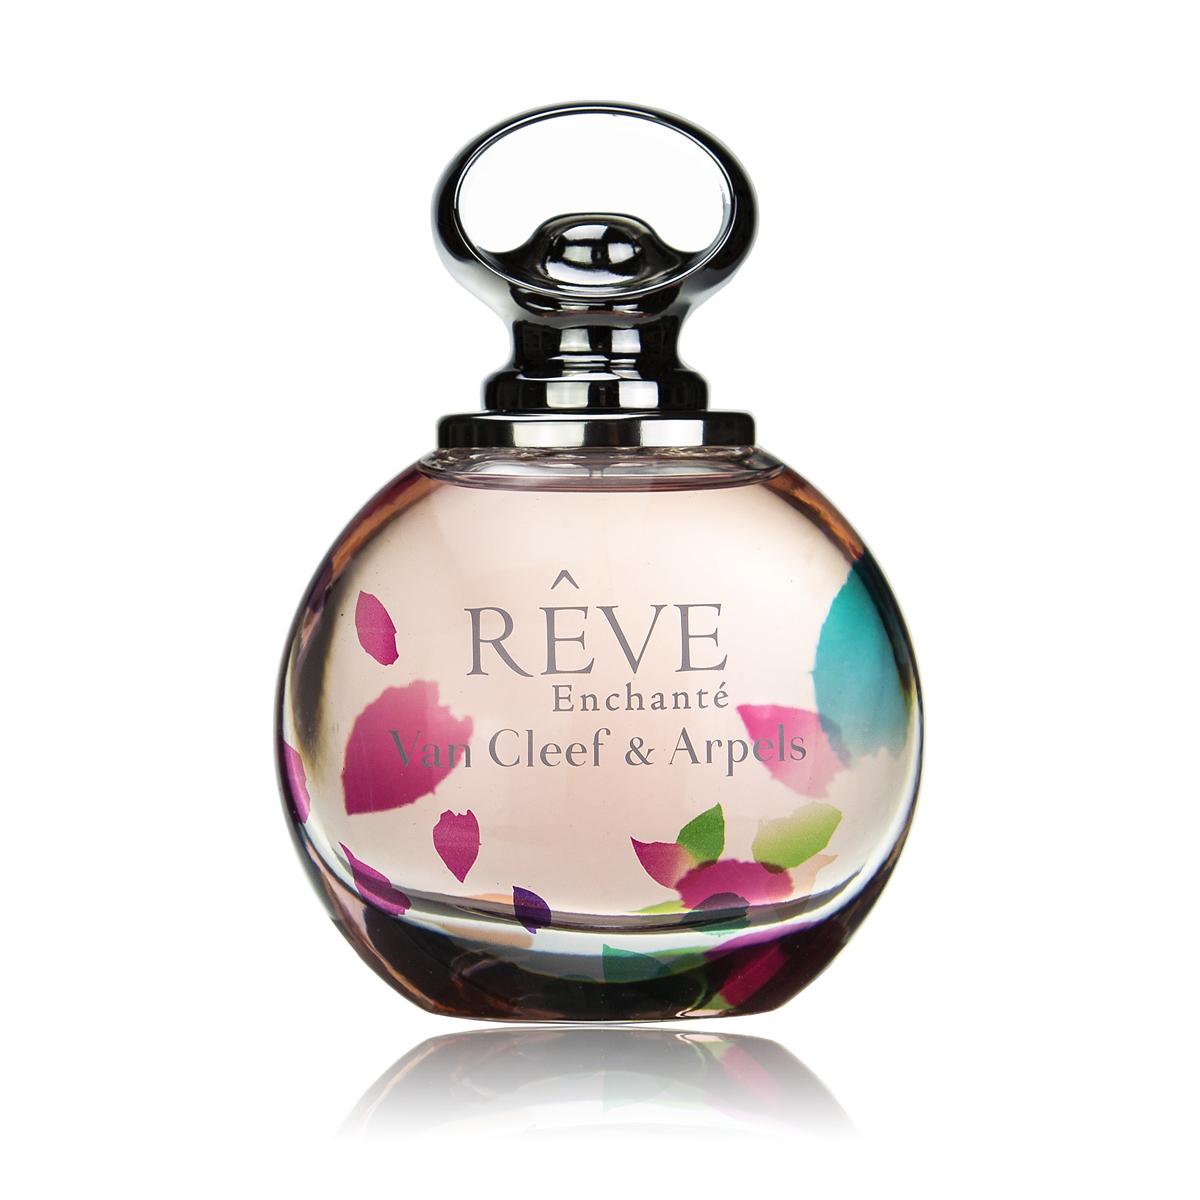 Van Cleef Reve Enchante Парфюмерная вода женская спрей 50 млVCA013E02Утонченный женский аромат Van Cleef & Arpels Reve Enchante, выпущенный в 2015 году известным французским брендом Van Cleef & Arpels стал открытием года. Над созданием этой нежный цветочно-фруктовый новинки работал парфюмер Эмиль Копперман. Ему удалось выпустить для ювелирного бренда романтичный и волнующий коктейль. Аромат является дополнением к весенней ювелирной коллекции бренда, а потому подчеркивает деликатность, элегантность и роскошь. Данная парфюмерная является продолжением традиций ювелирного дома и фланкером уже полюбившегося аромата 2013 года Reve. В новой редакции аромат Van Cleef & Arpels Reve Enchante звучит более трогательно и воздушно. В нем отражается особая деликатность и нежность. Необыкновенно приятный изысканный коктейль адресован молодым и романтичным женщинам, для которых были собраны сочные дольки клементина и груши, украшенные цветами персика и жасмина. Сливочная белая амбра делает аромат еще более роскошным.